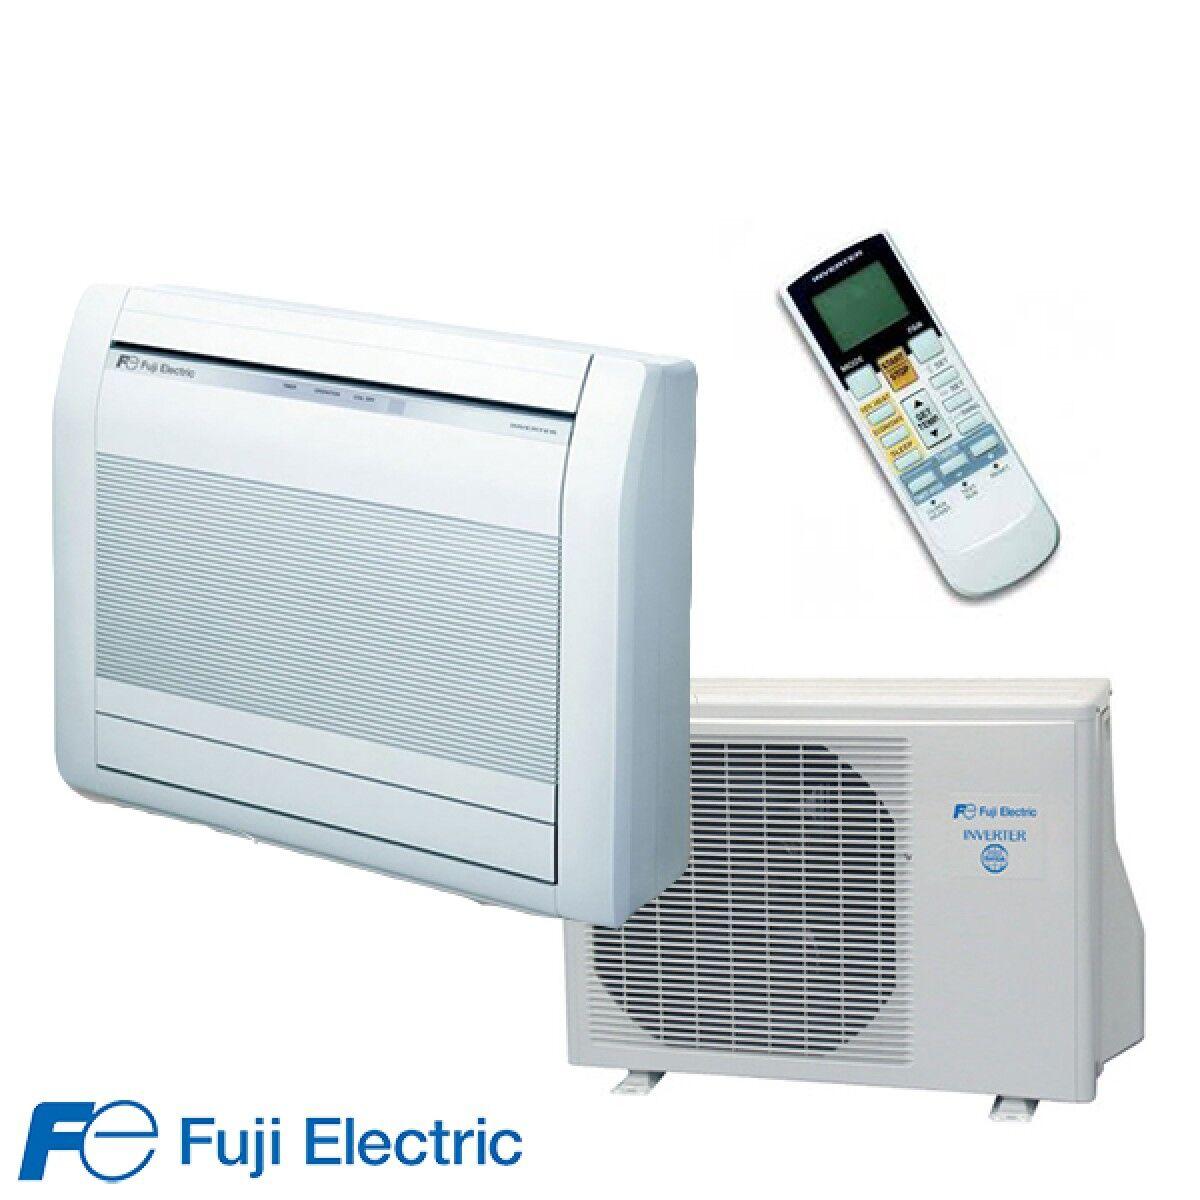 Инверторен подов климатик Fuji Electric RGG12LVCA, 12000 BTU, A++